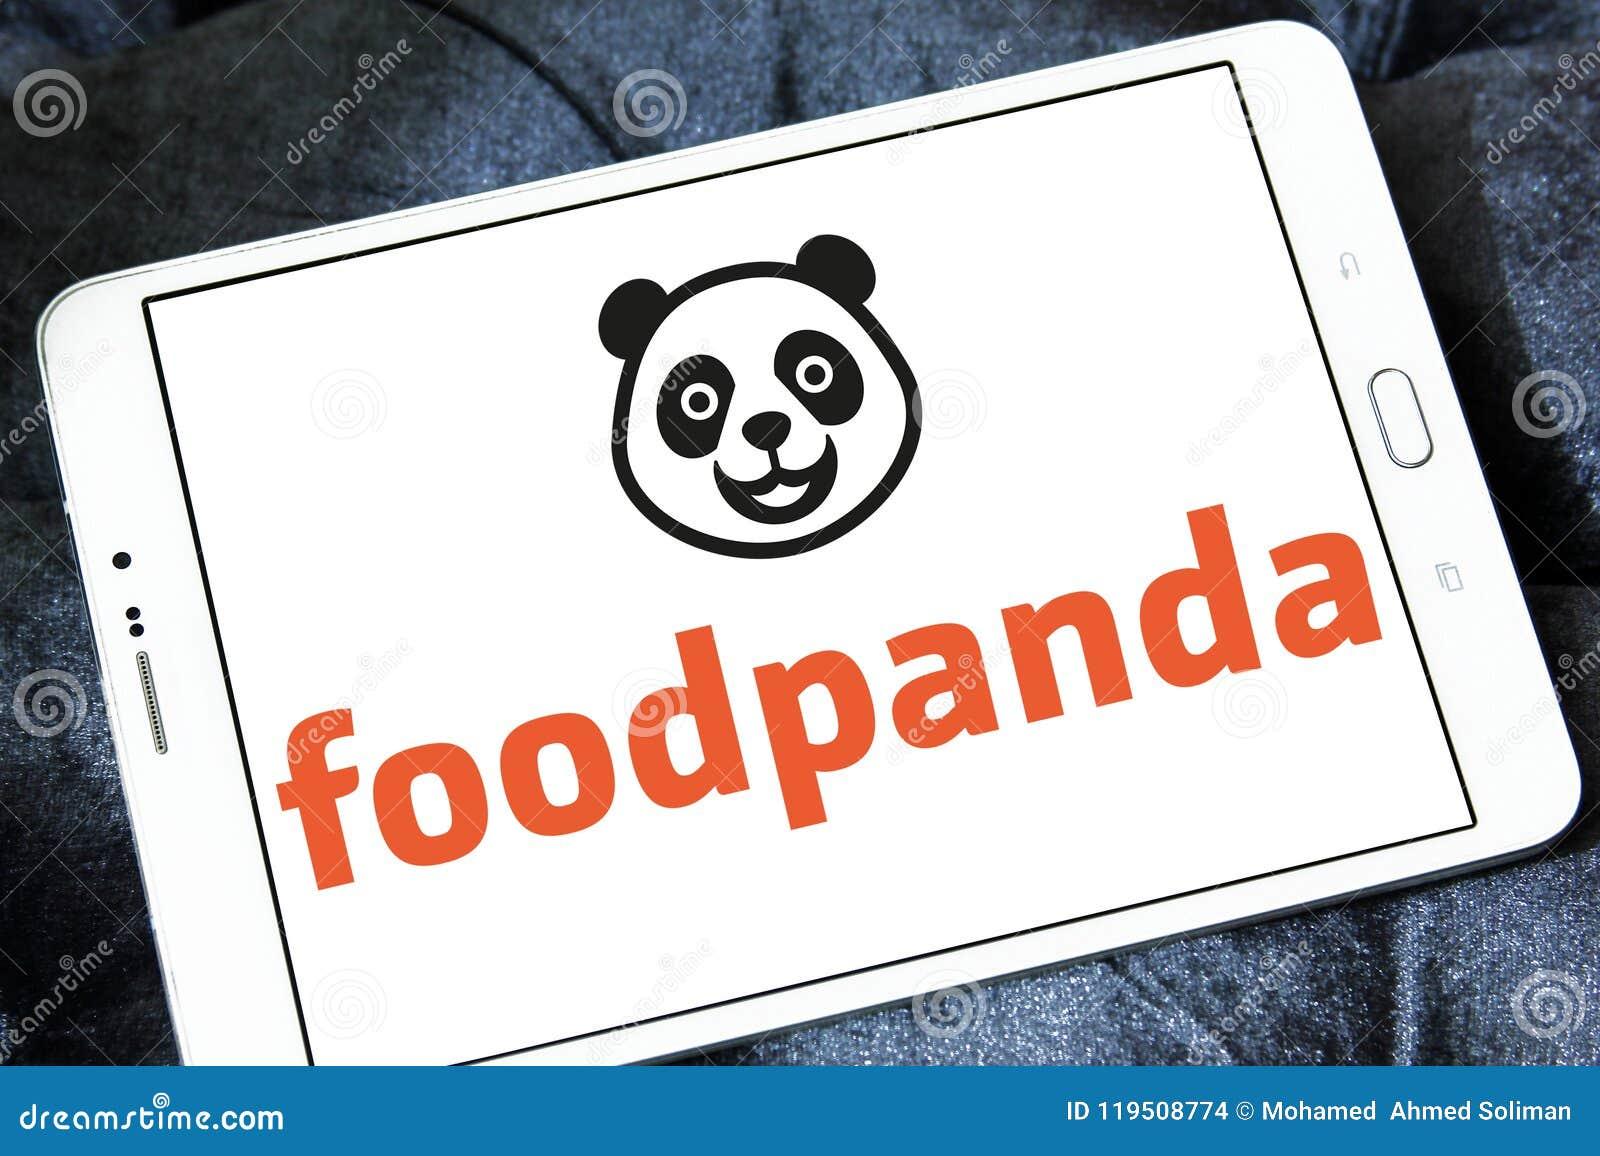 food panda app download